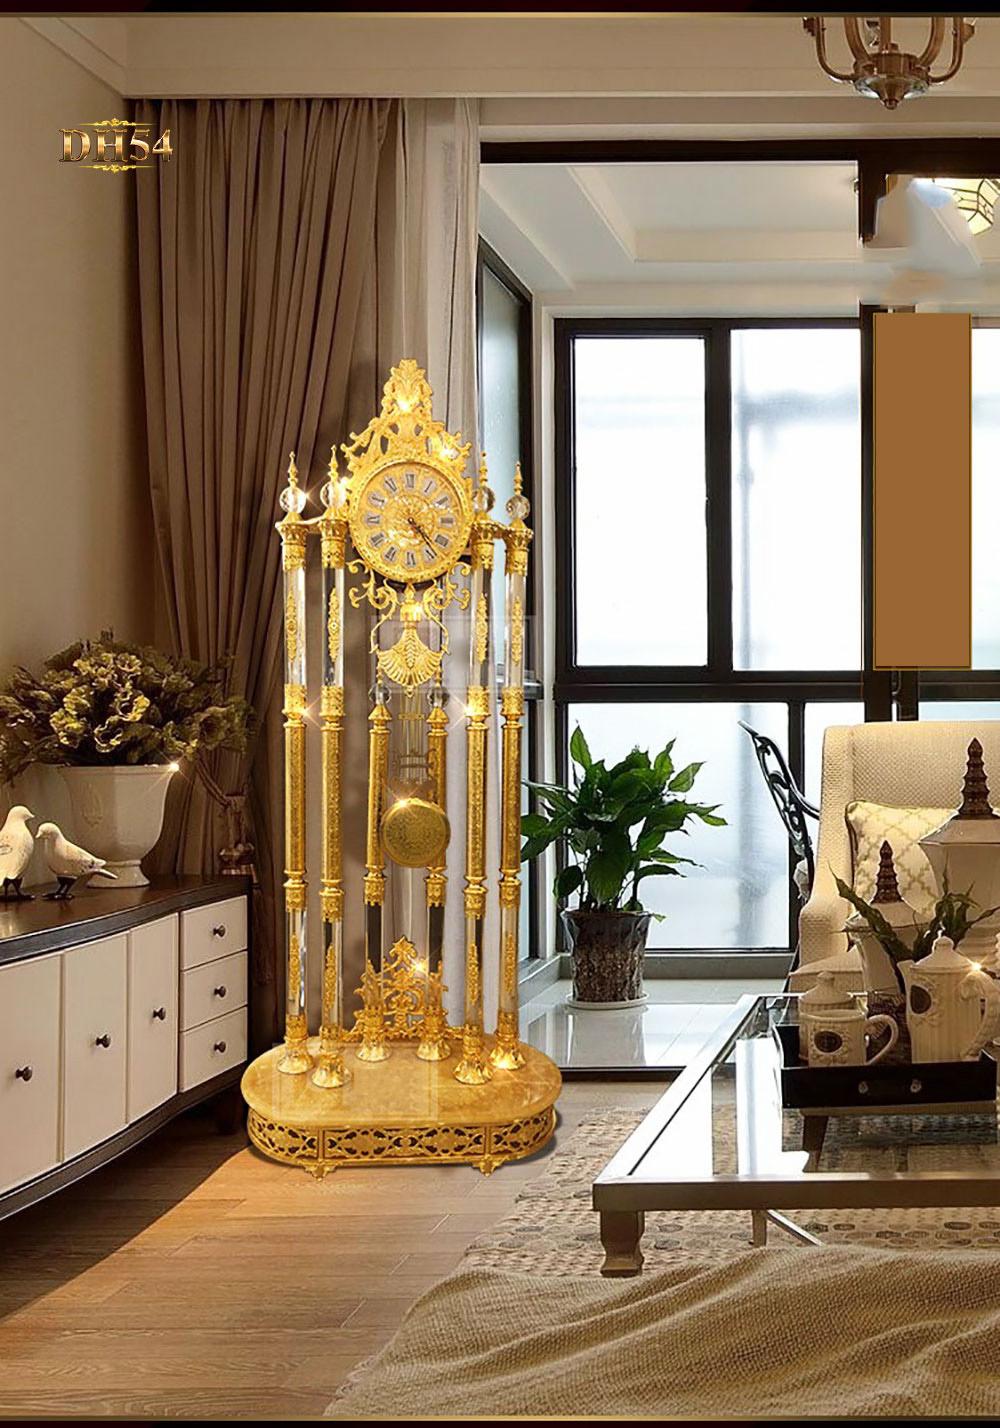 Đồng hô cây pha lê DH54 mạ vàng cao cấp phong cách châu Âu sang trọng